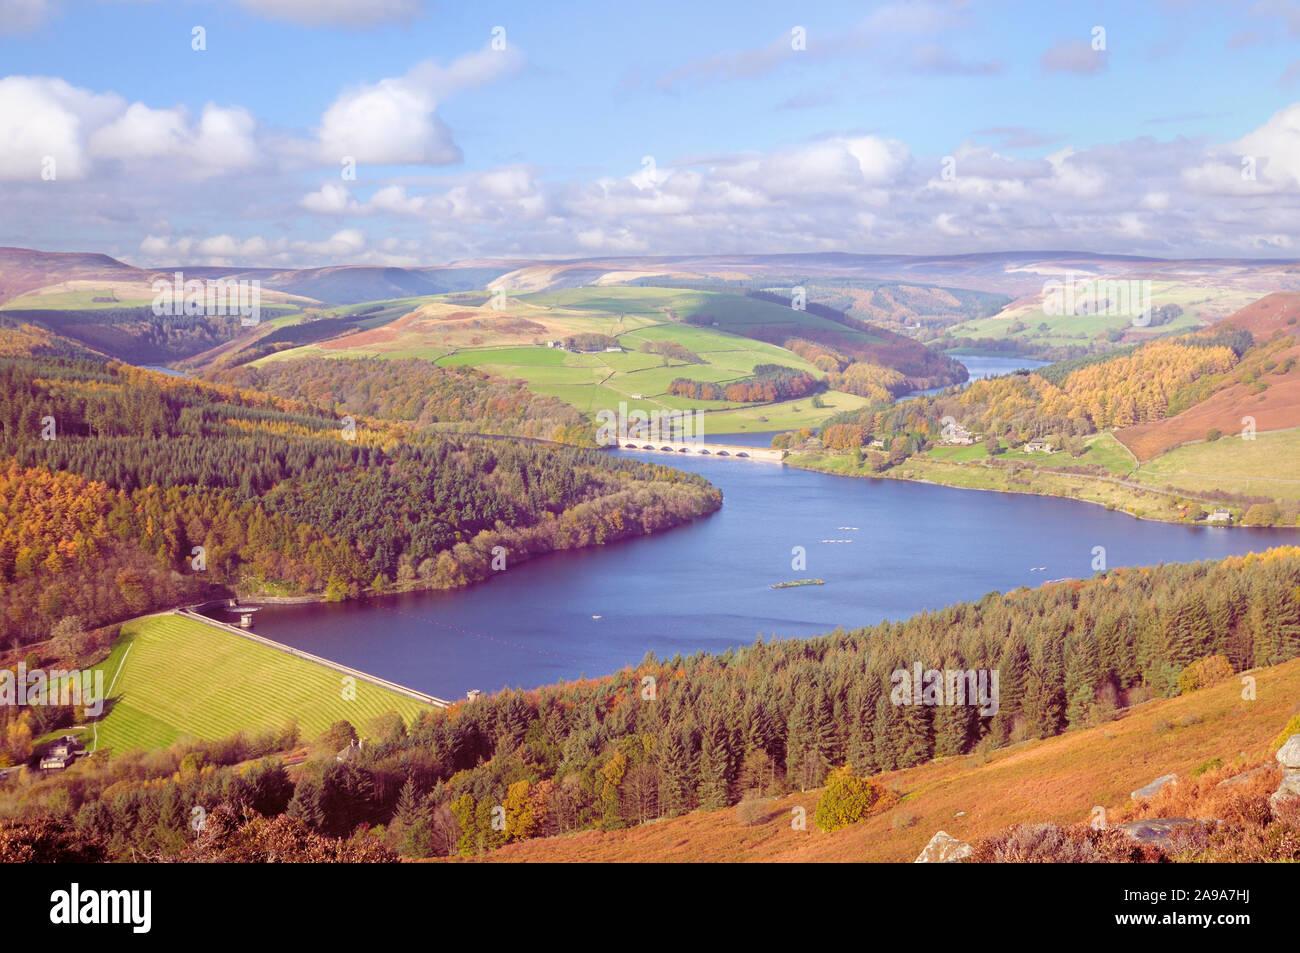 Paisaje otoñal vista desde Bamford Edge con vistas Ladybower Depósito y Ashopton Puente / Viaducto, Esperanza Valle, Peak District, Derbyshire, Reino Unido Foto de stock